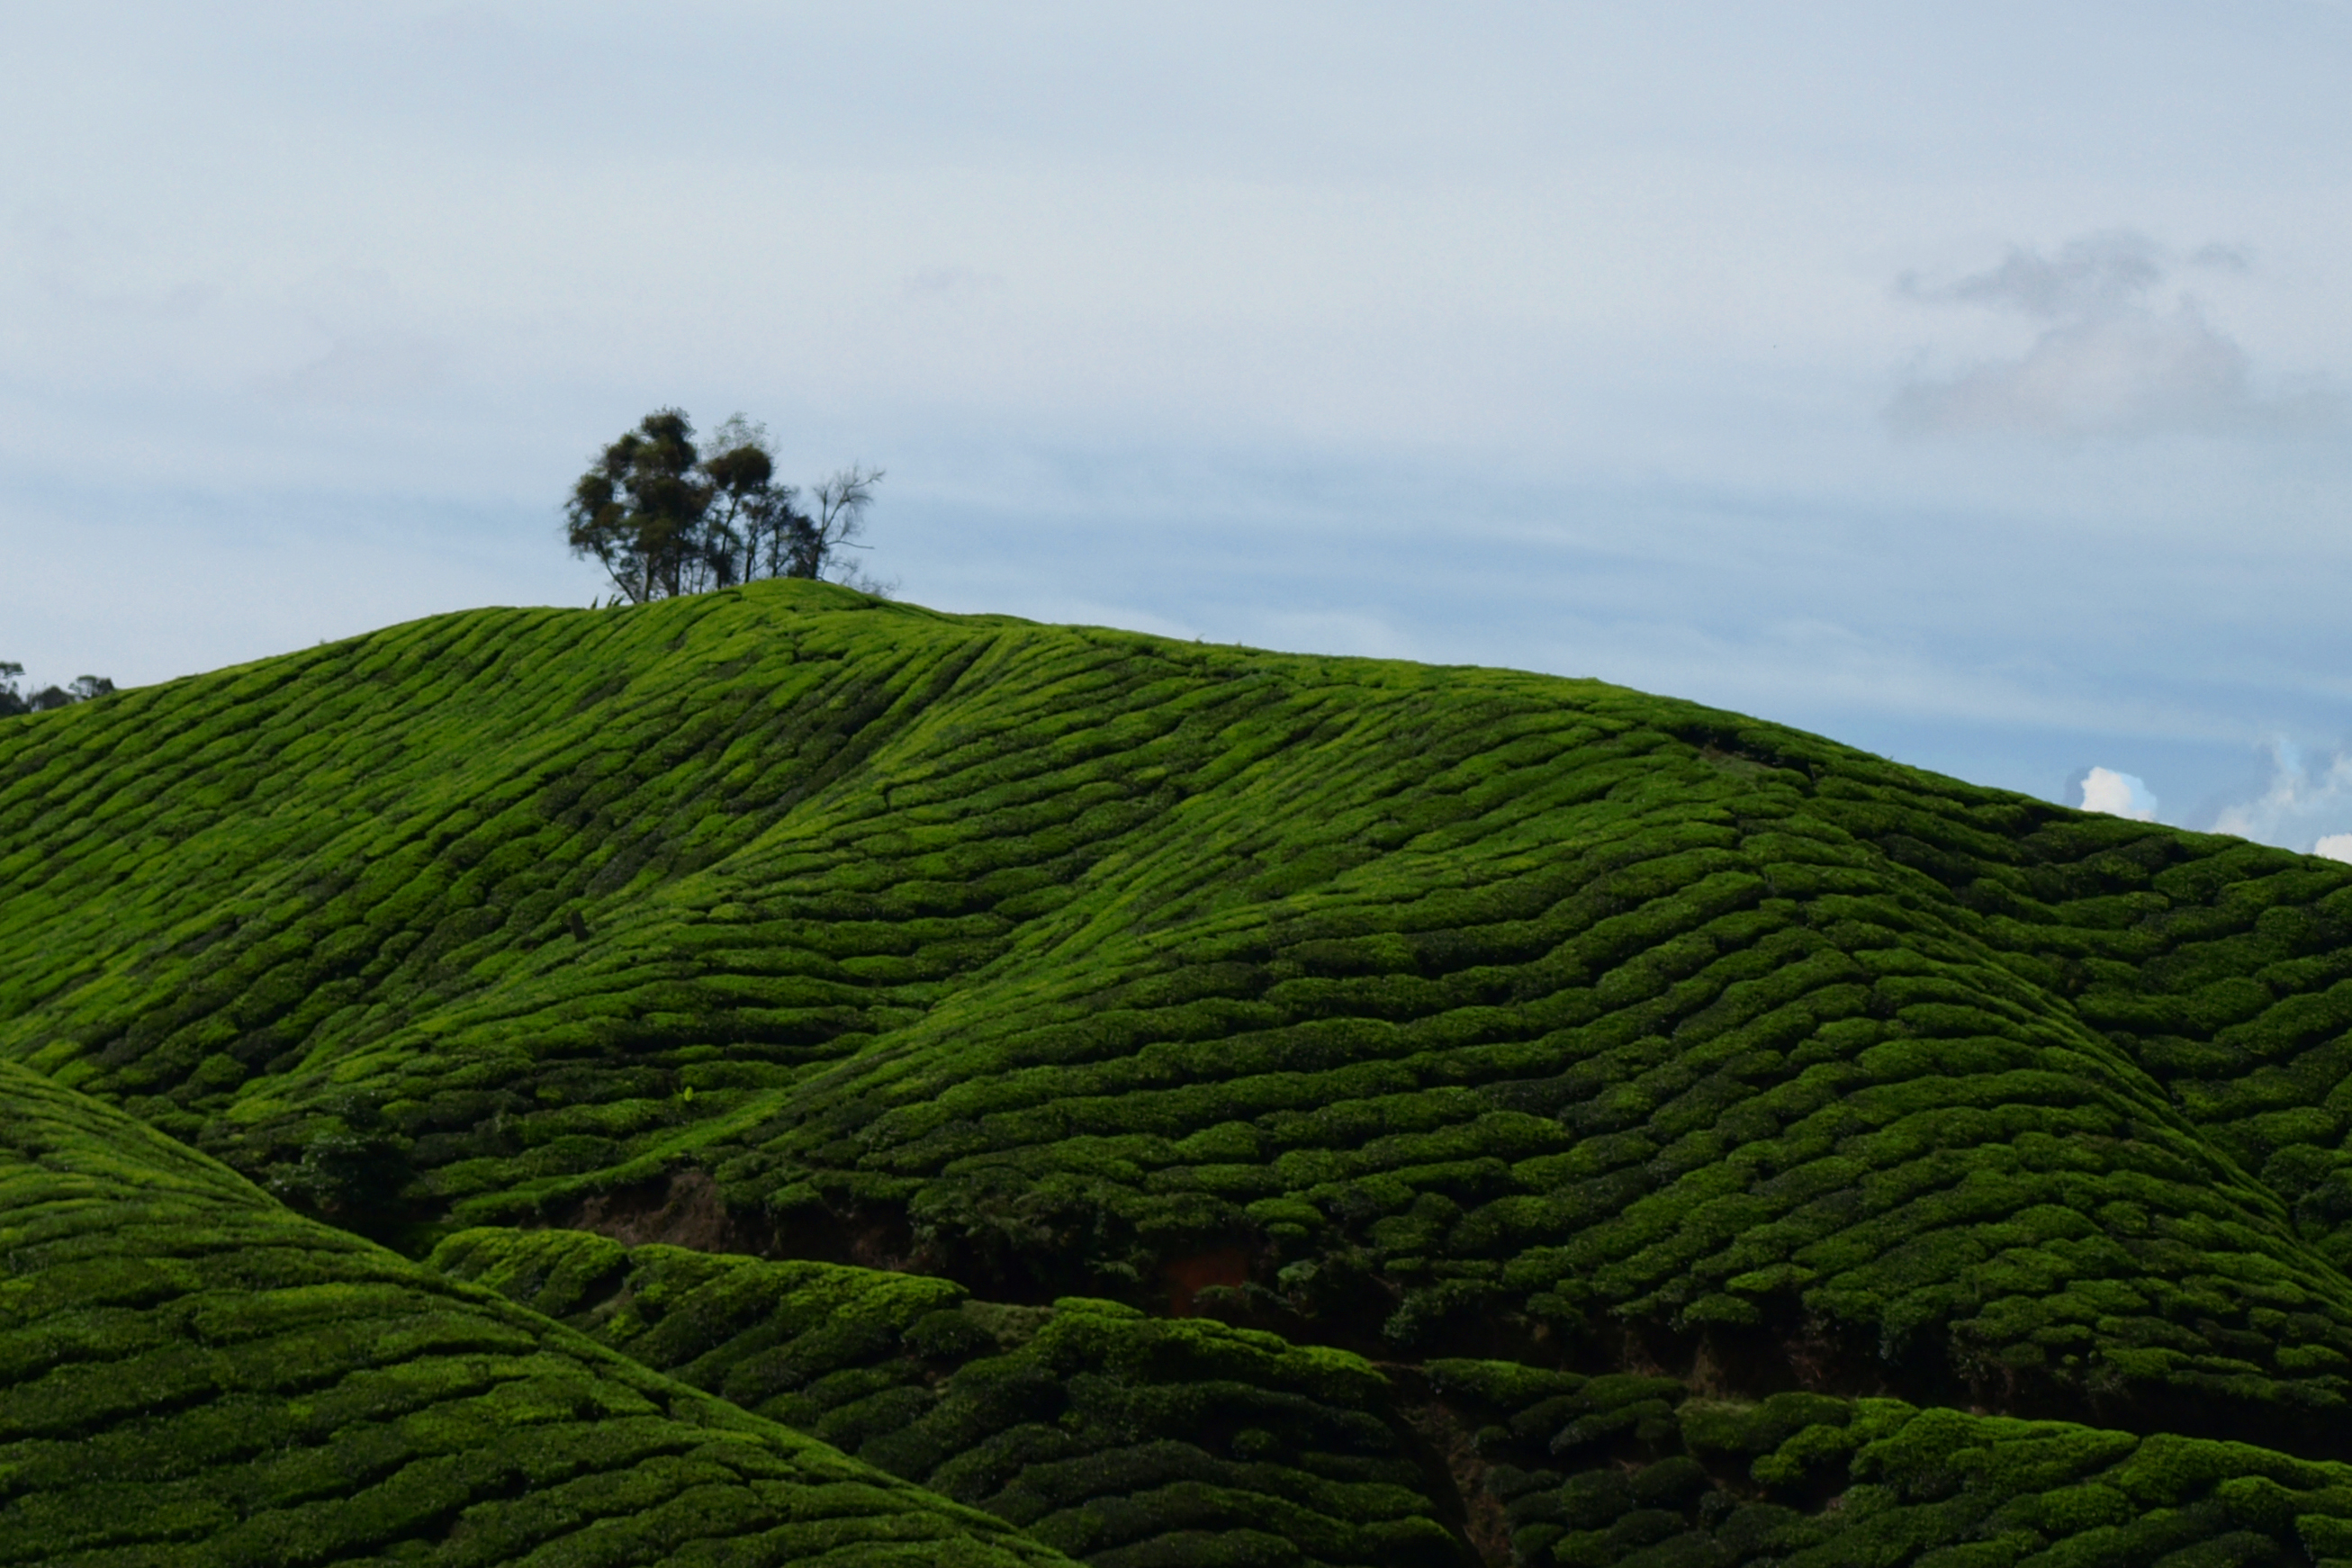 Teaföld a maláj felföldeken. Végre valahol kellemes hűvös volt, nem csoda, hogy a britek is mind ide vonultak vissza kipihenni az elnyomás fáradalmait